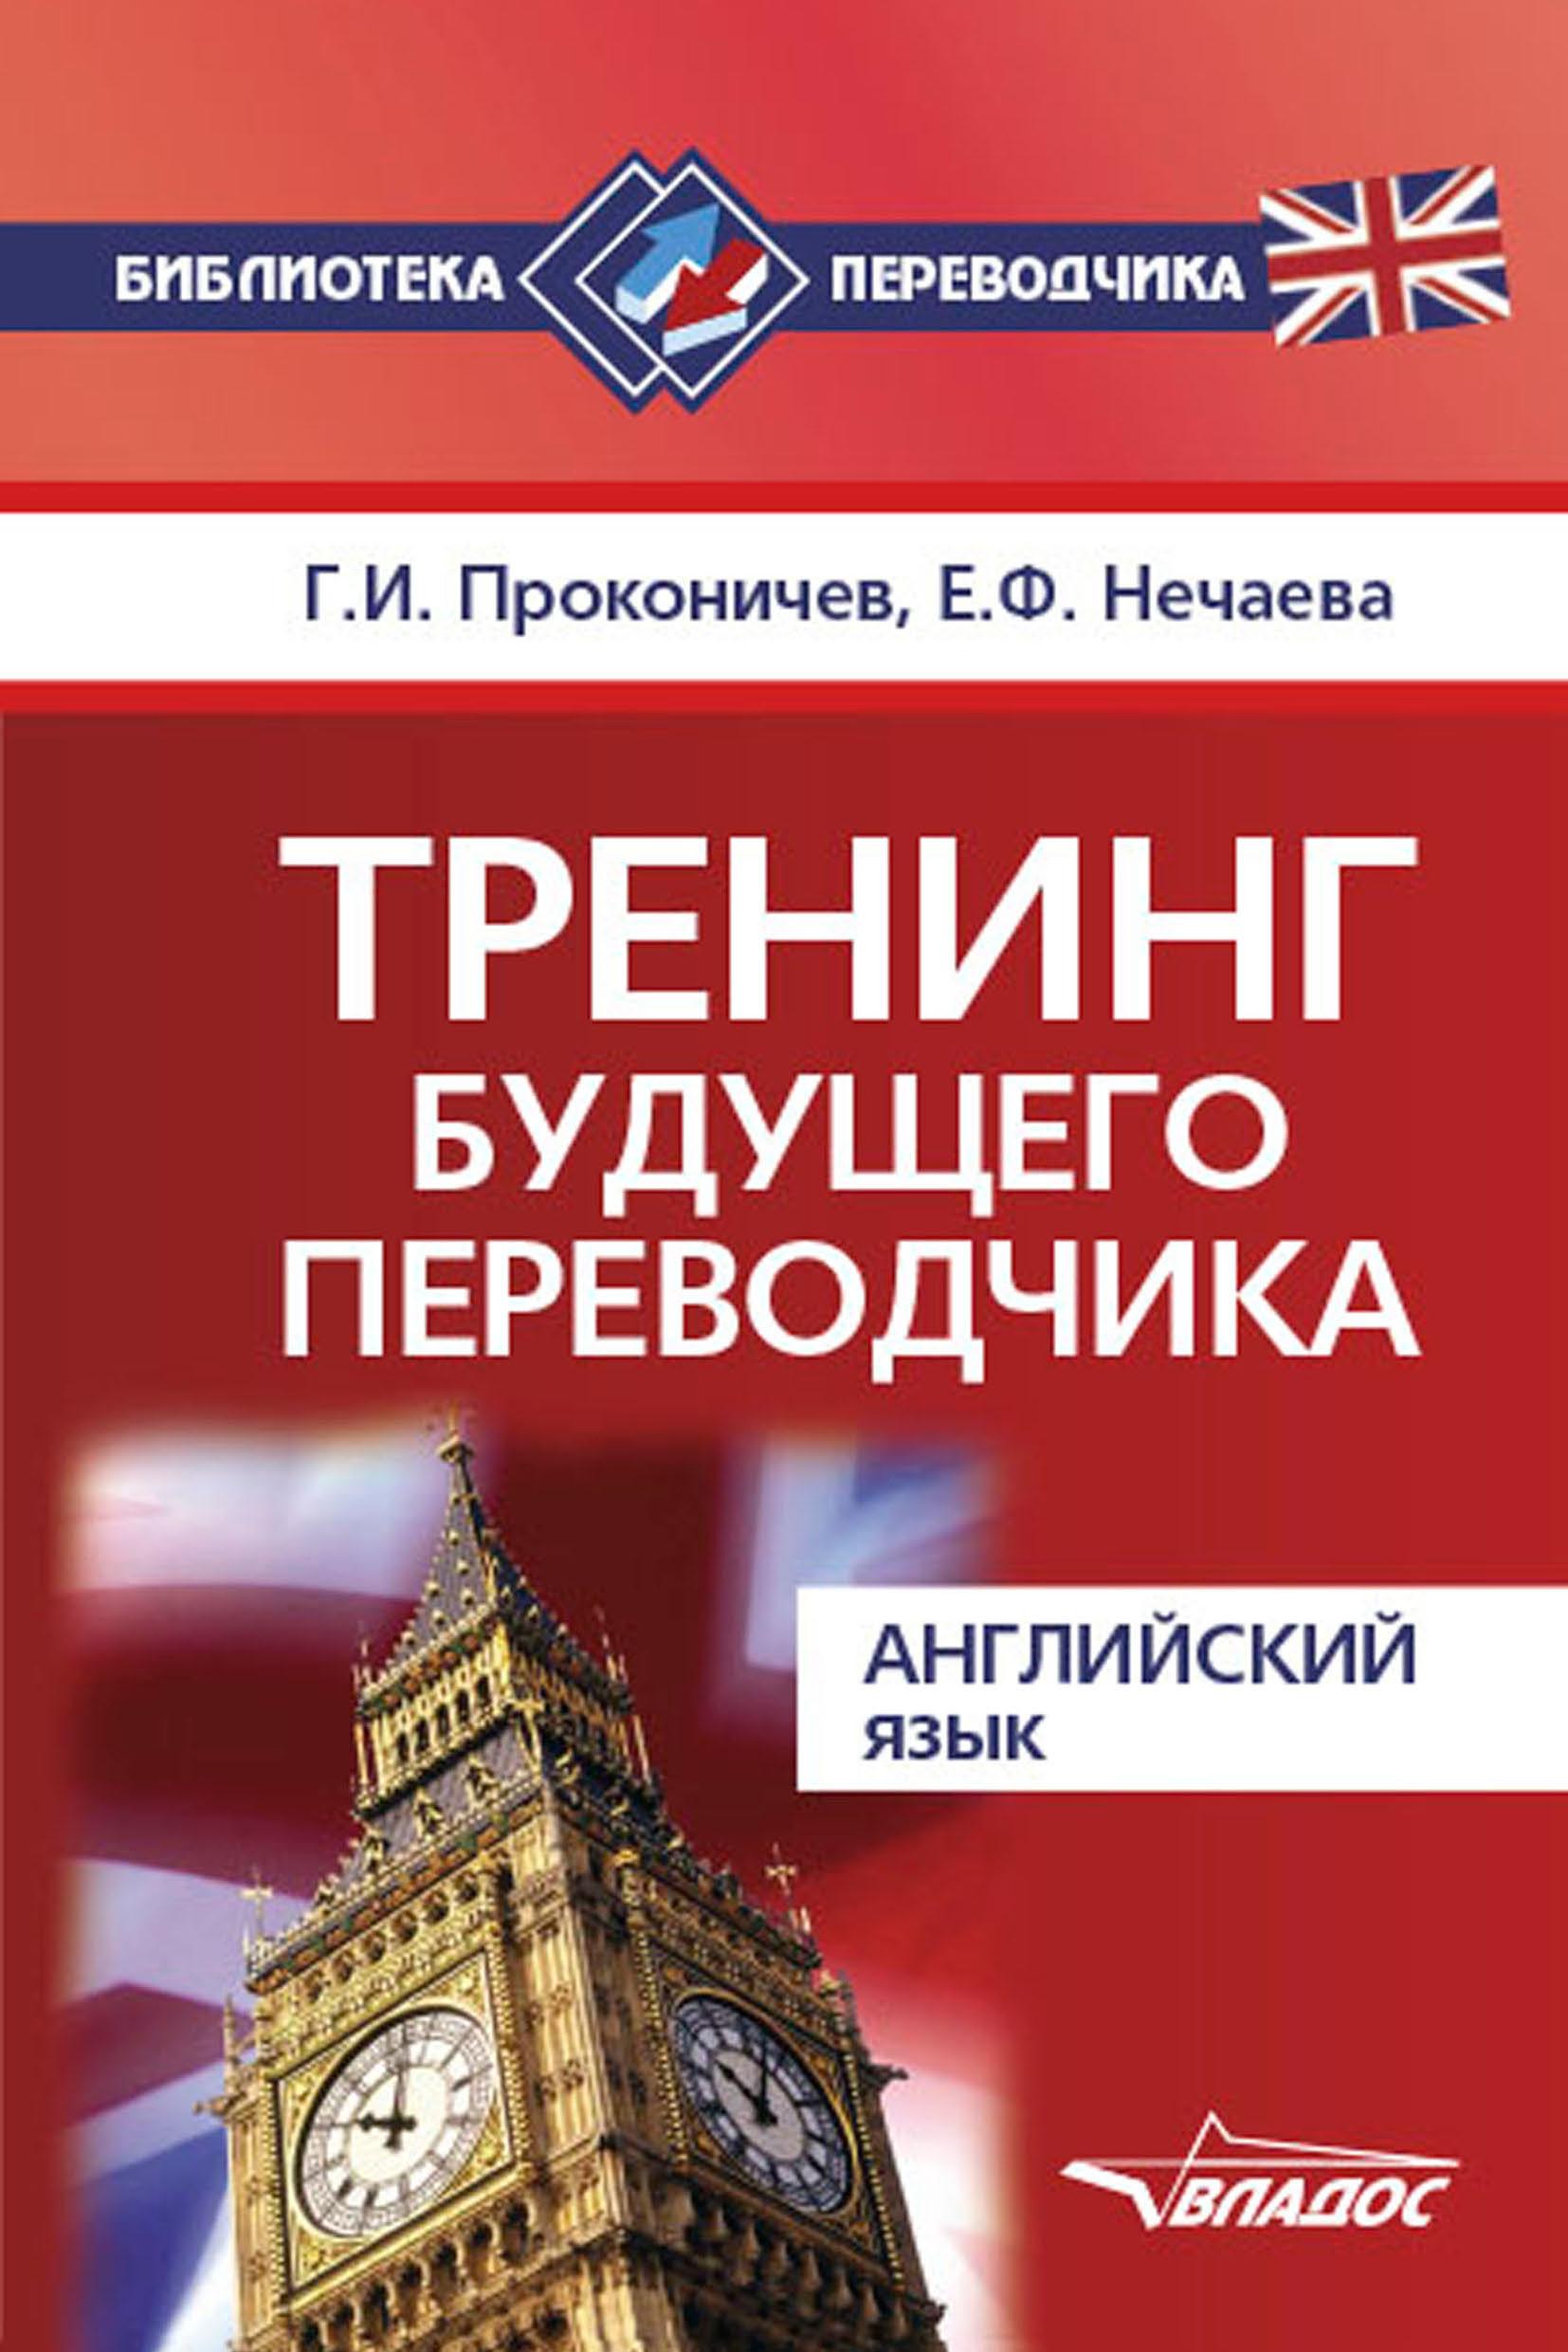 Е. Ф. Нечаева Тренинг будущего переводчика. Английский язык михаил кипнис апельсиновый тренинг 18 игры и упражнения на знакомство